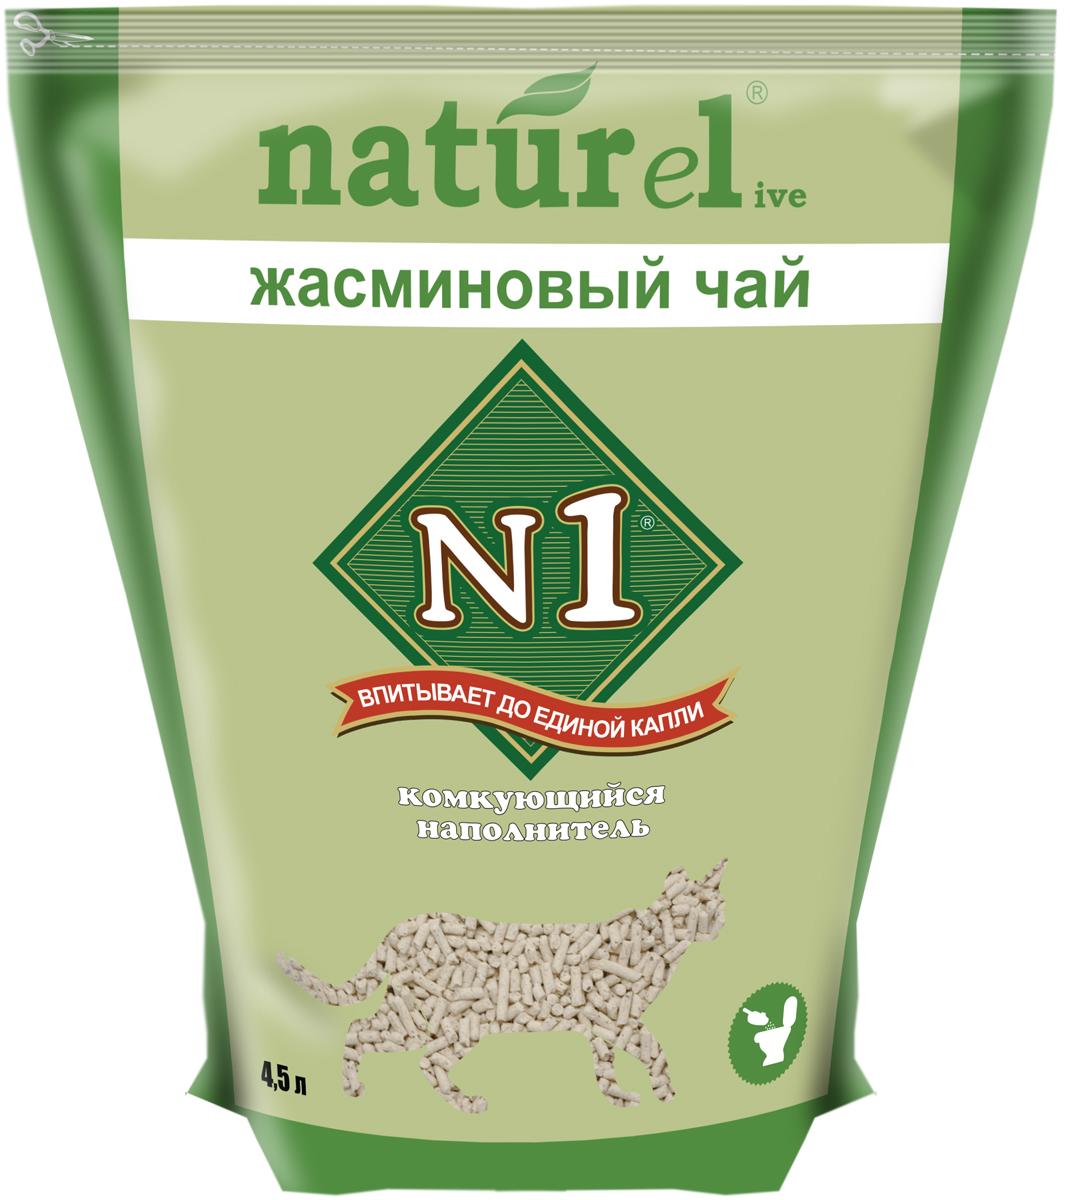 """Наполнитель для кошачьего туалета №1 """"Naturel. Жасминовый чай"""", комкующийся, 4,5 л"""